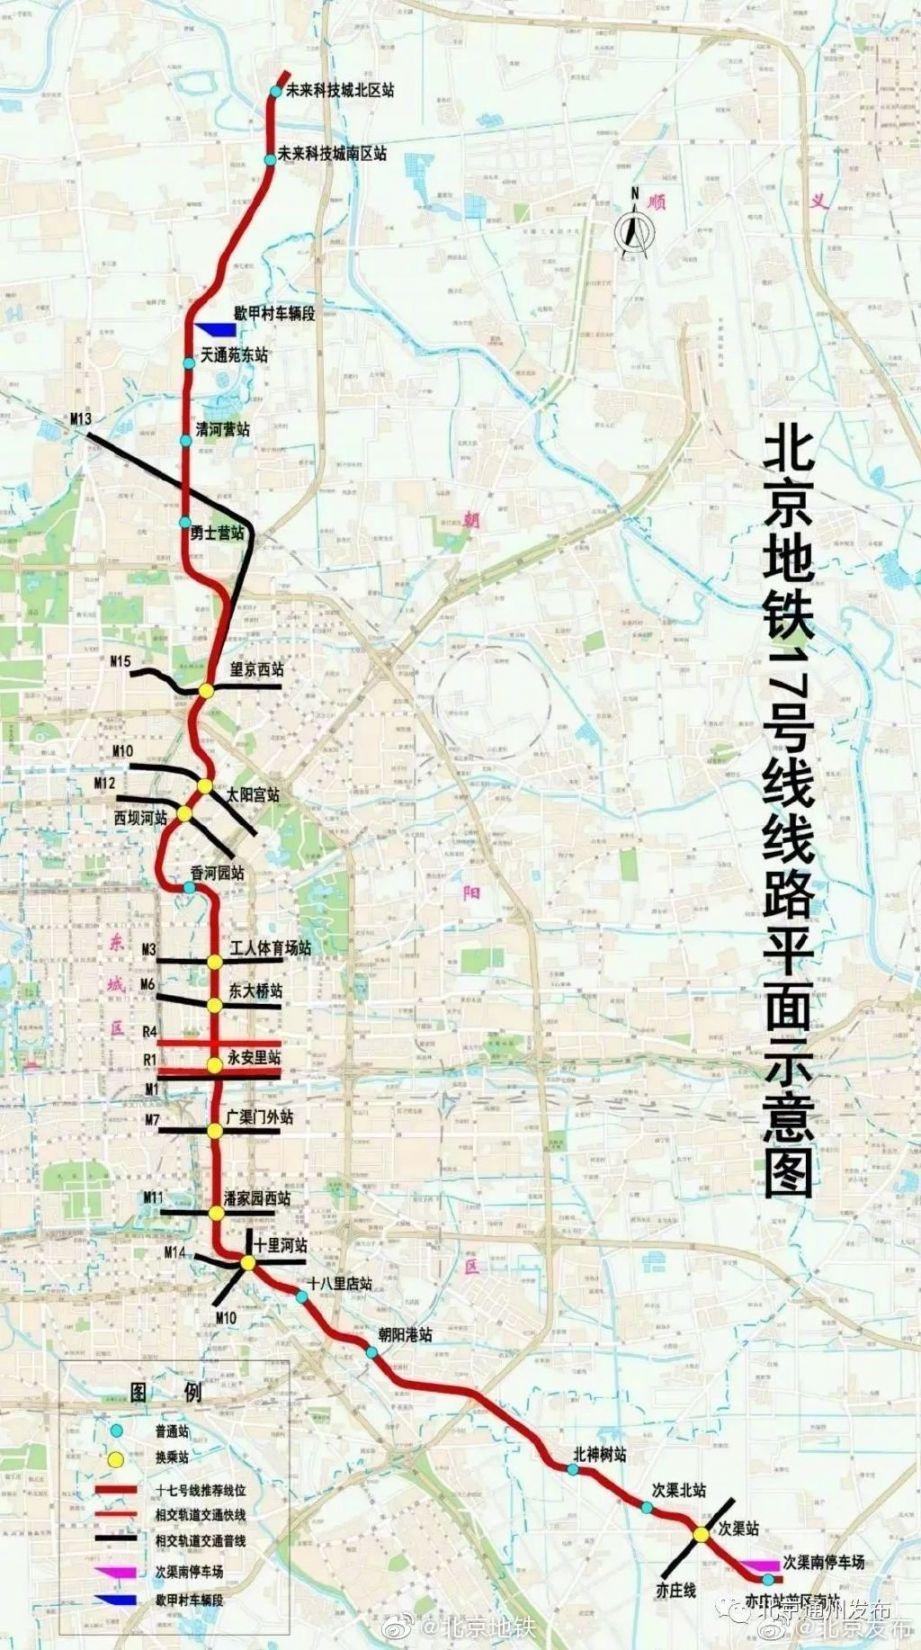 北京地铁17号线最新线路图高清版